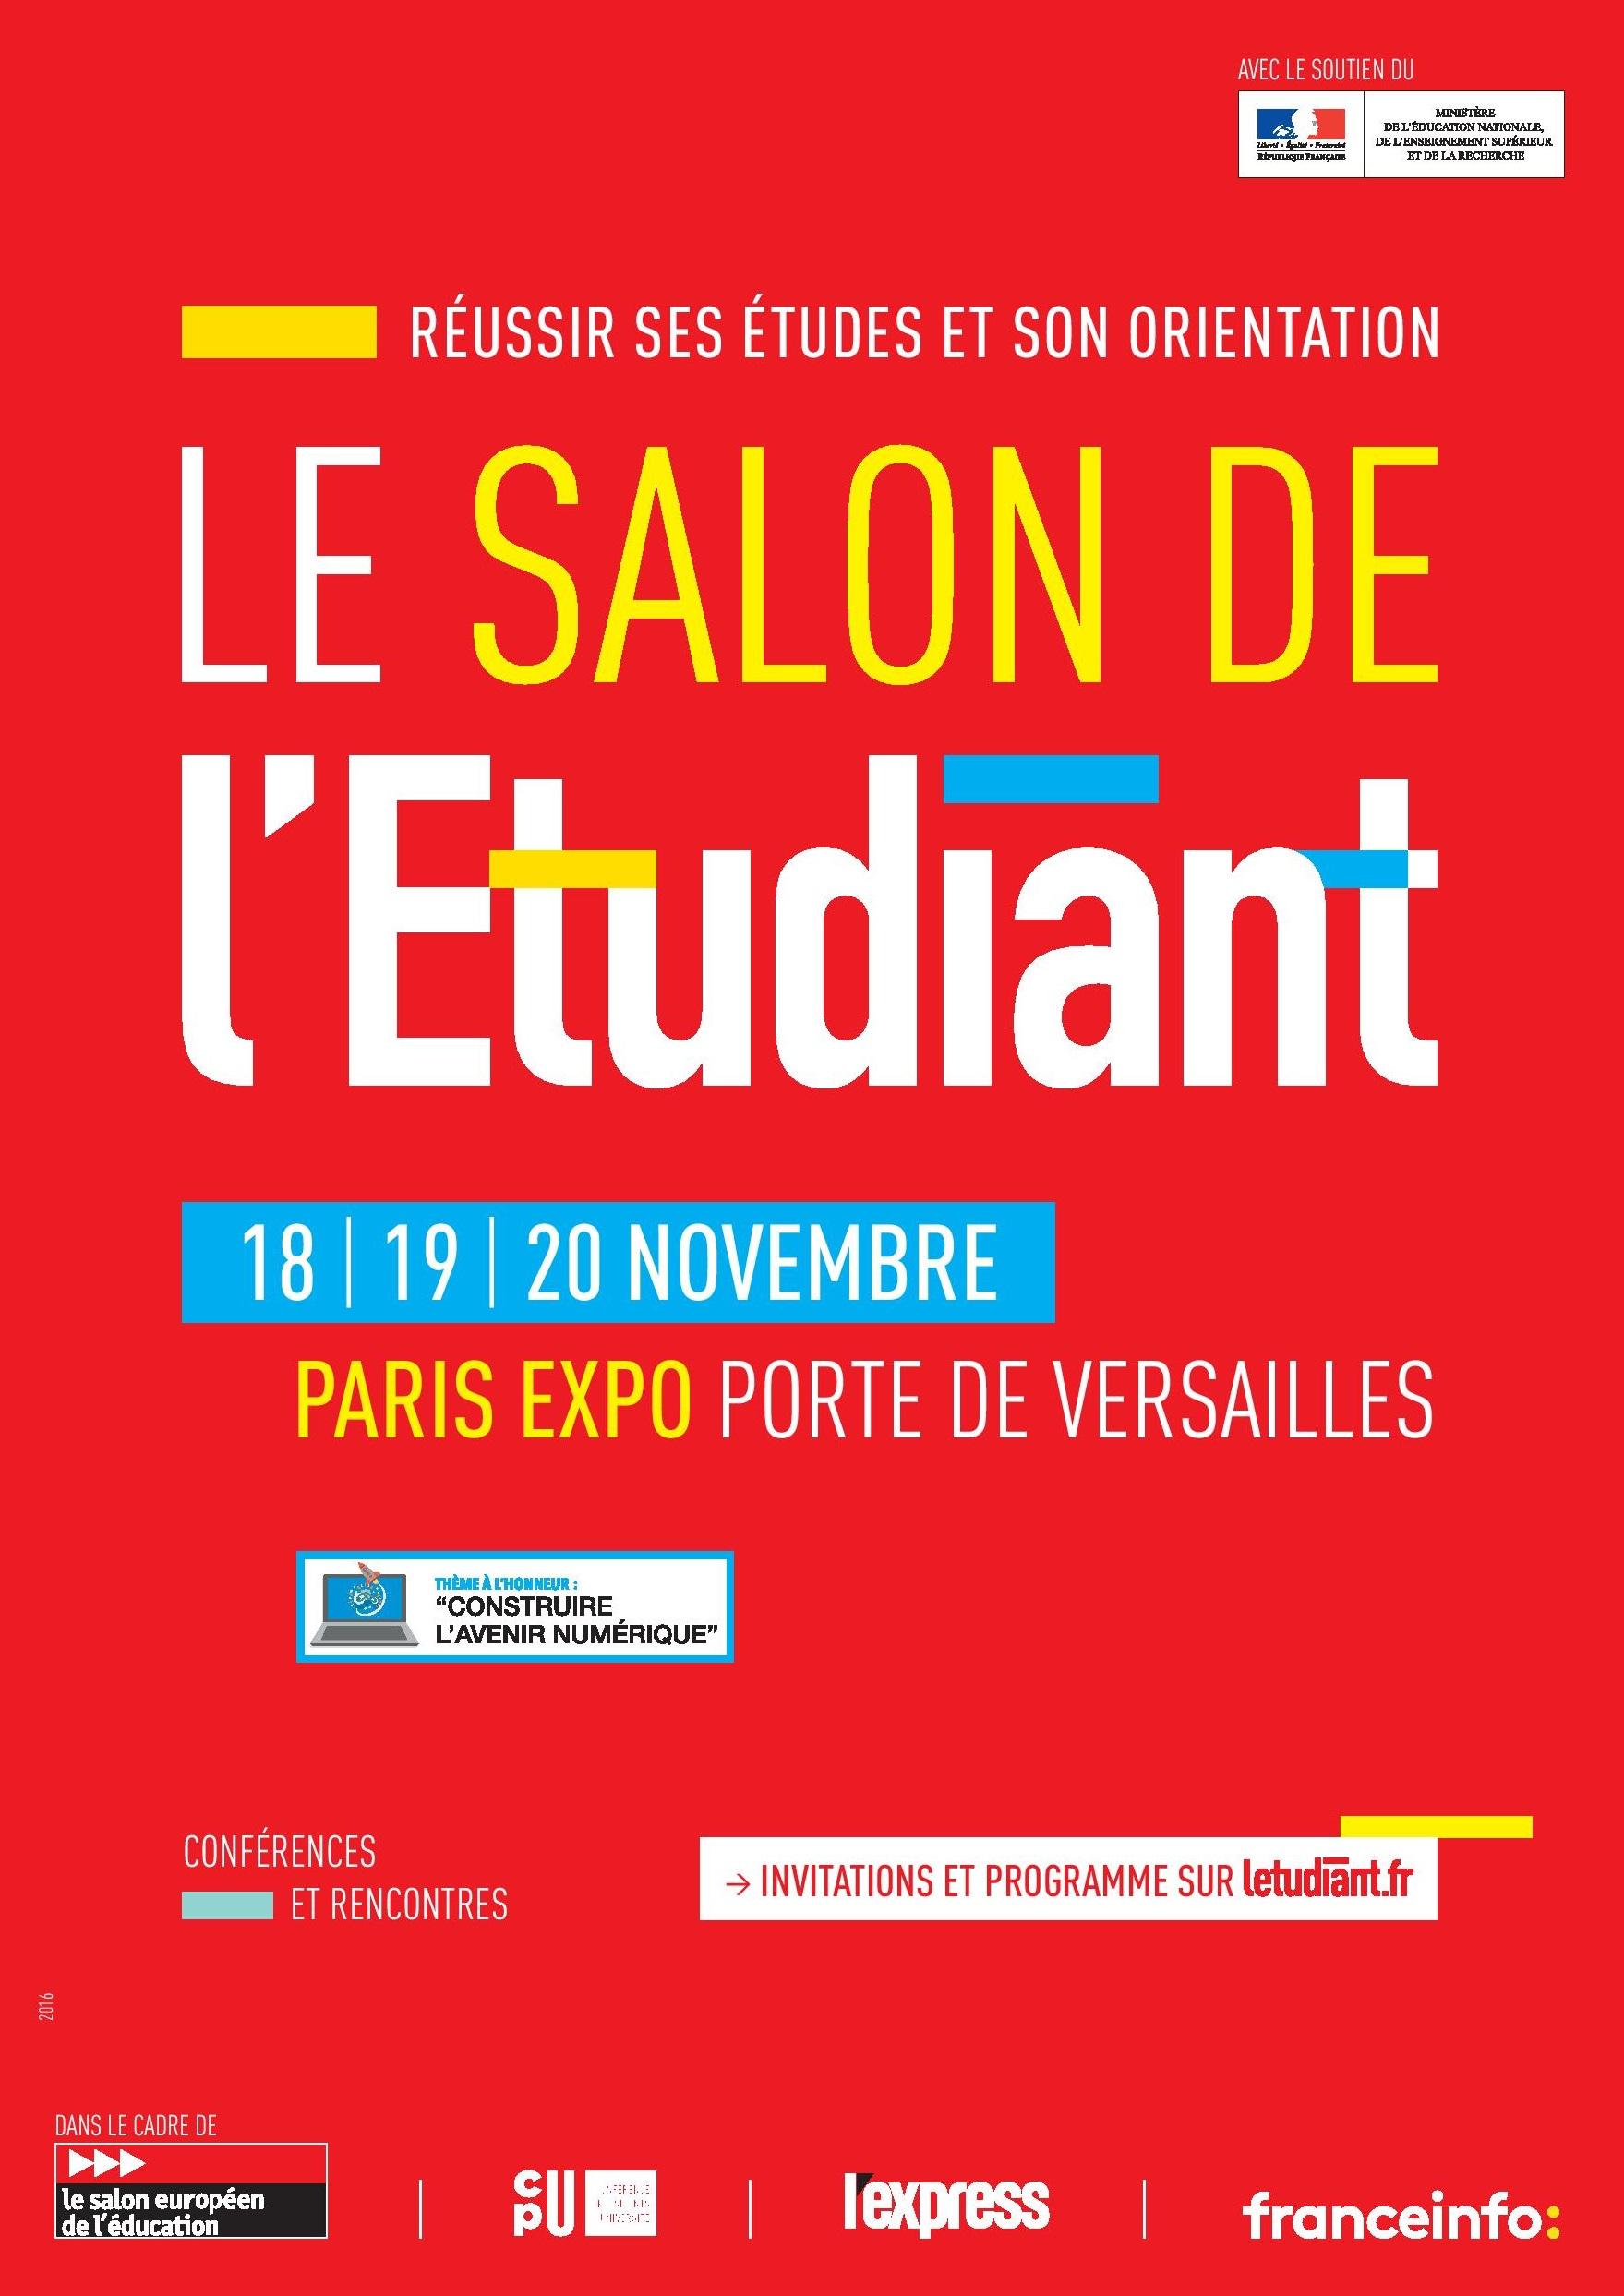 Salon de l 39 etudiant dans le cadre du salon europ en de l for Salon europeen de l education porte de versailles